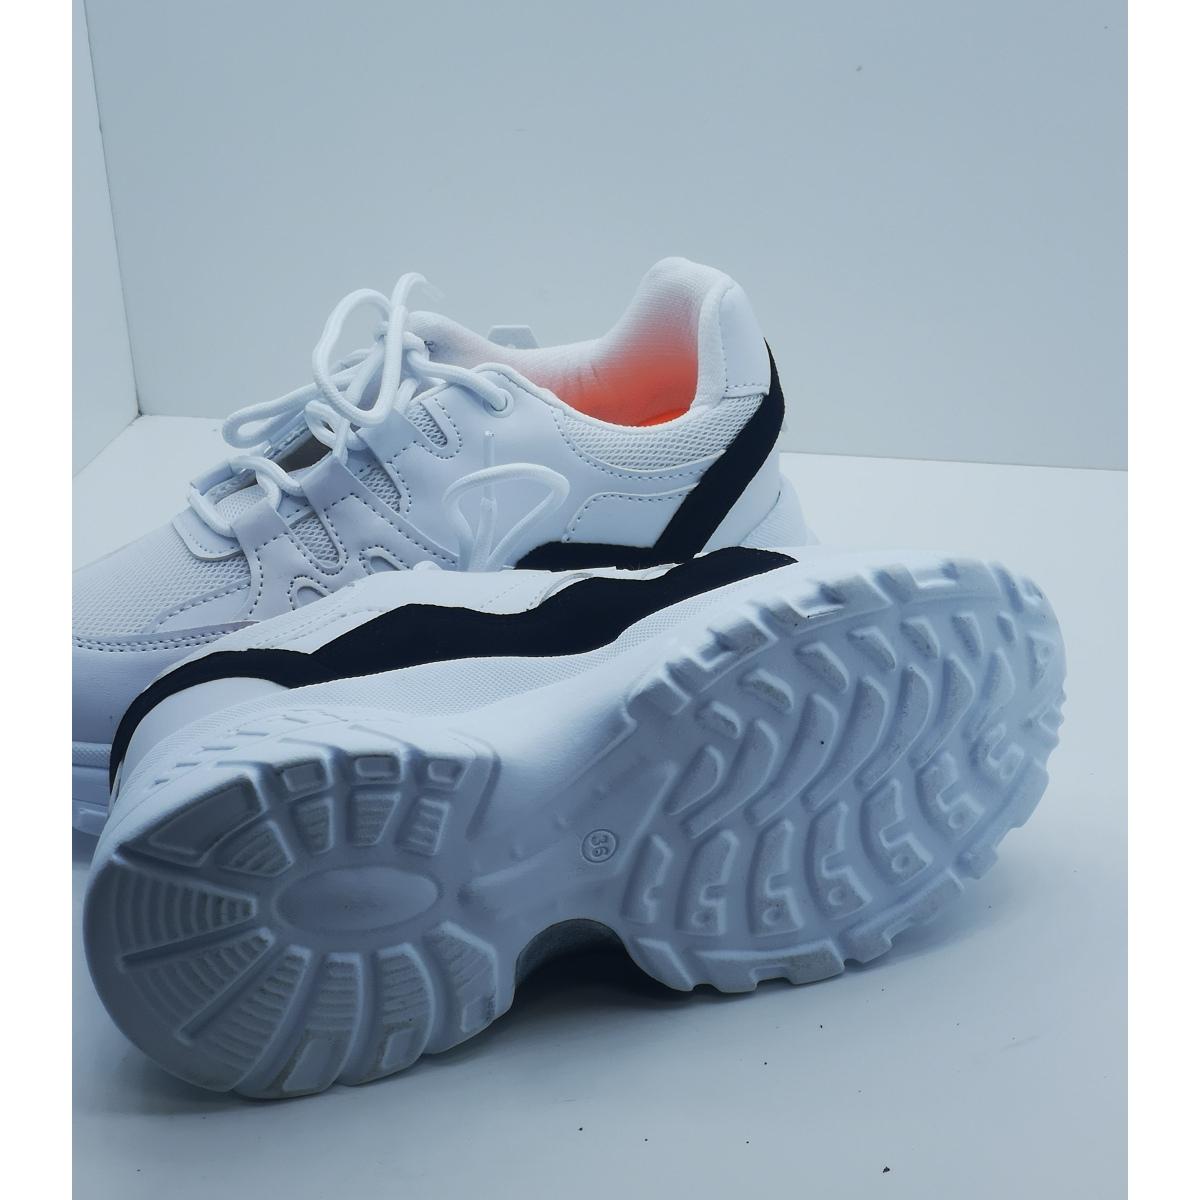 Tagna Air Spor Ayakkabı